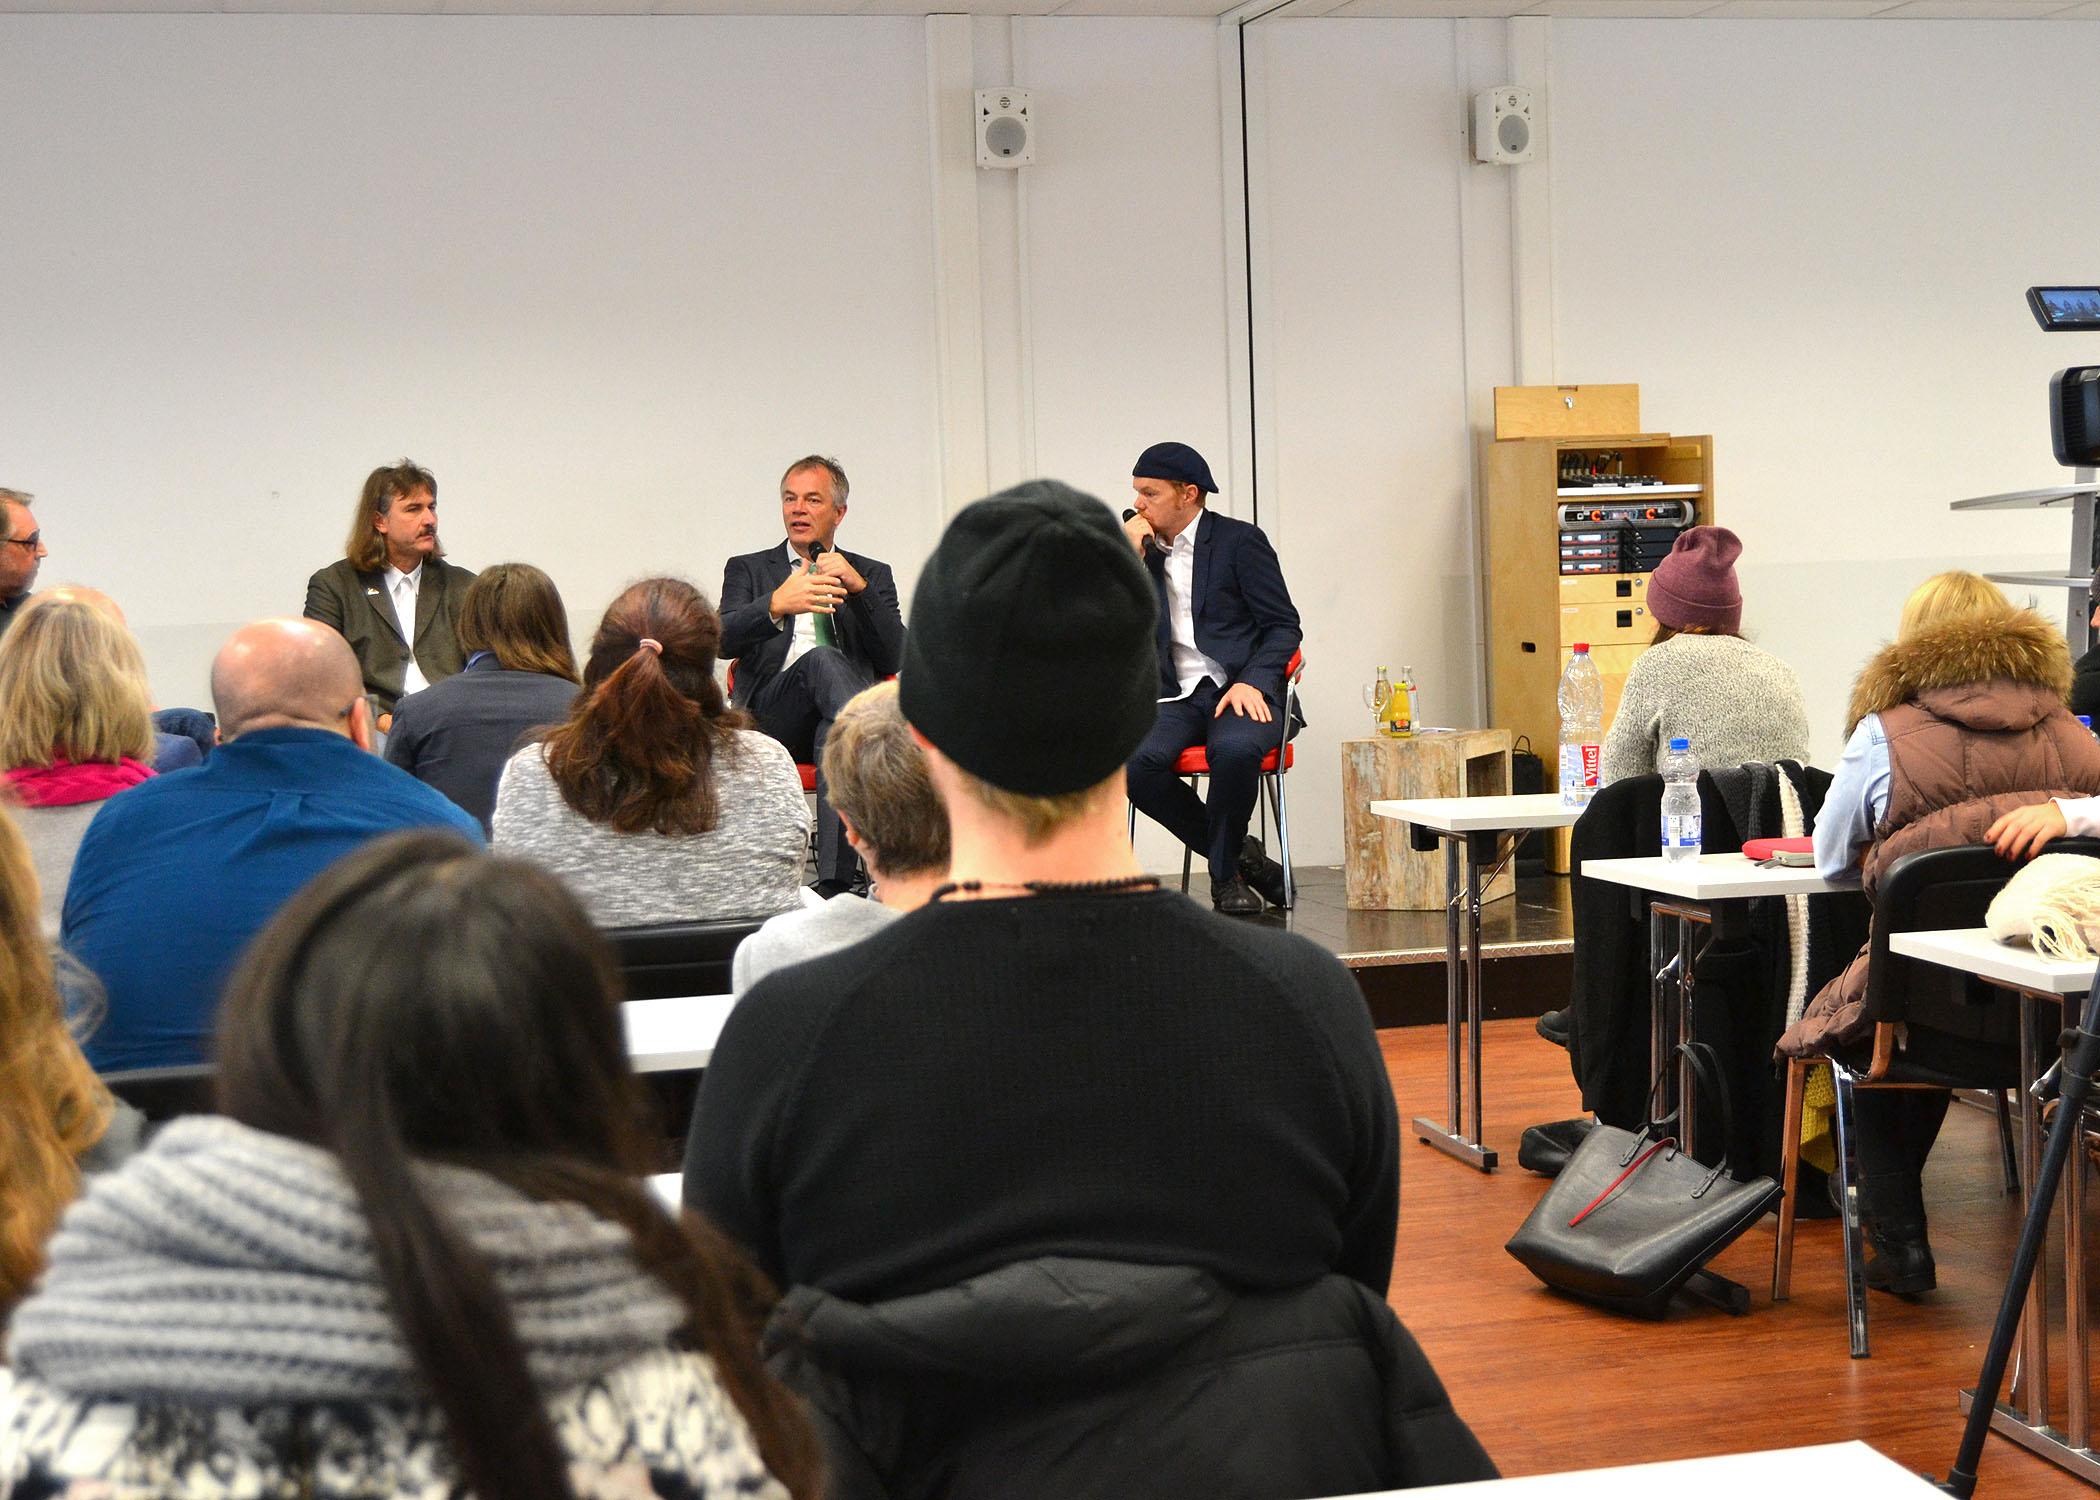 Studierende des B.A. Journalismus und Unternehmenskommunikation erfuhren so Manches über die Verknüpfung von Umweltpolitik, -organisationen und -journalismus.